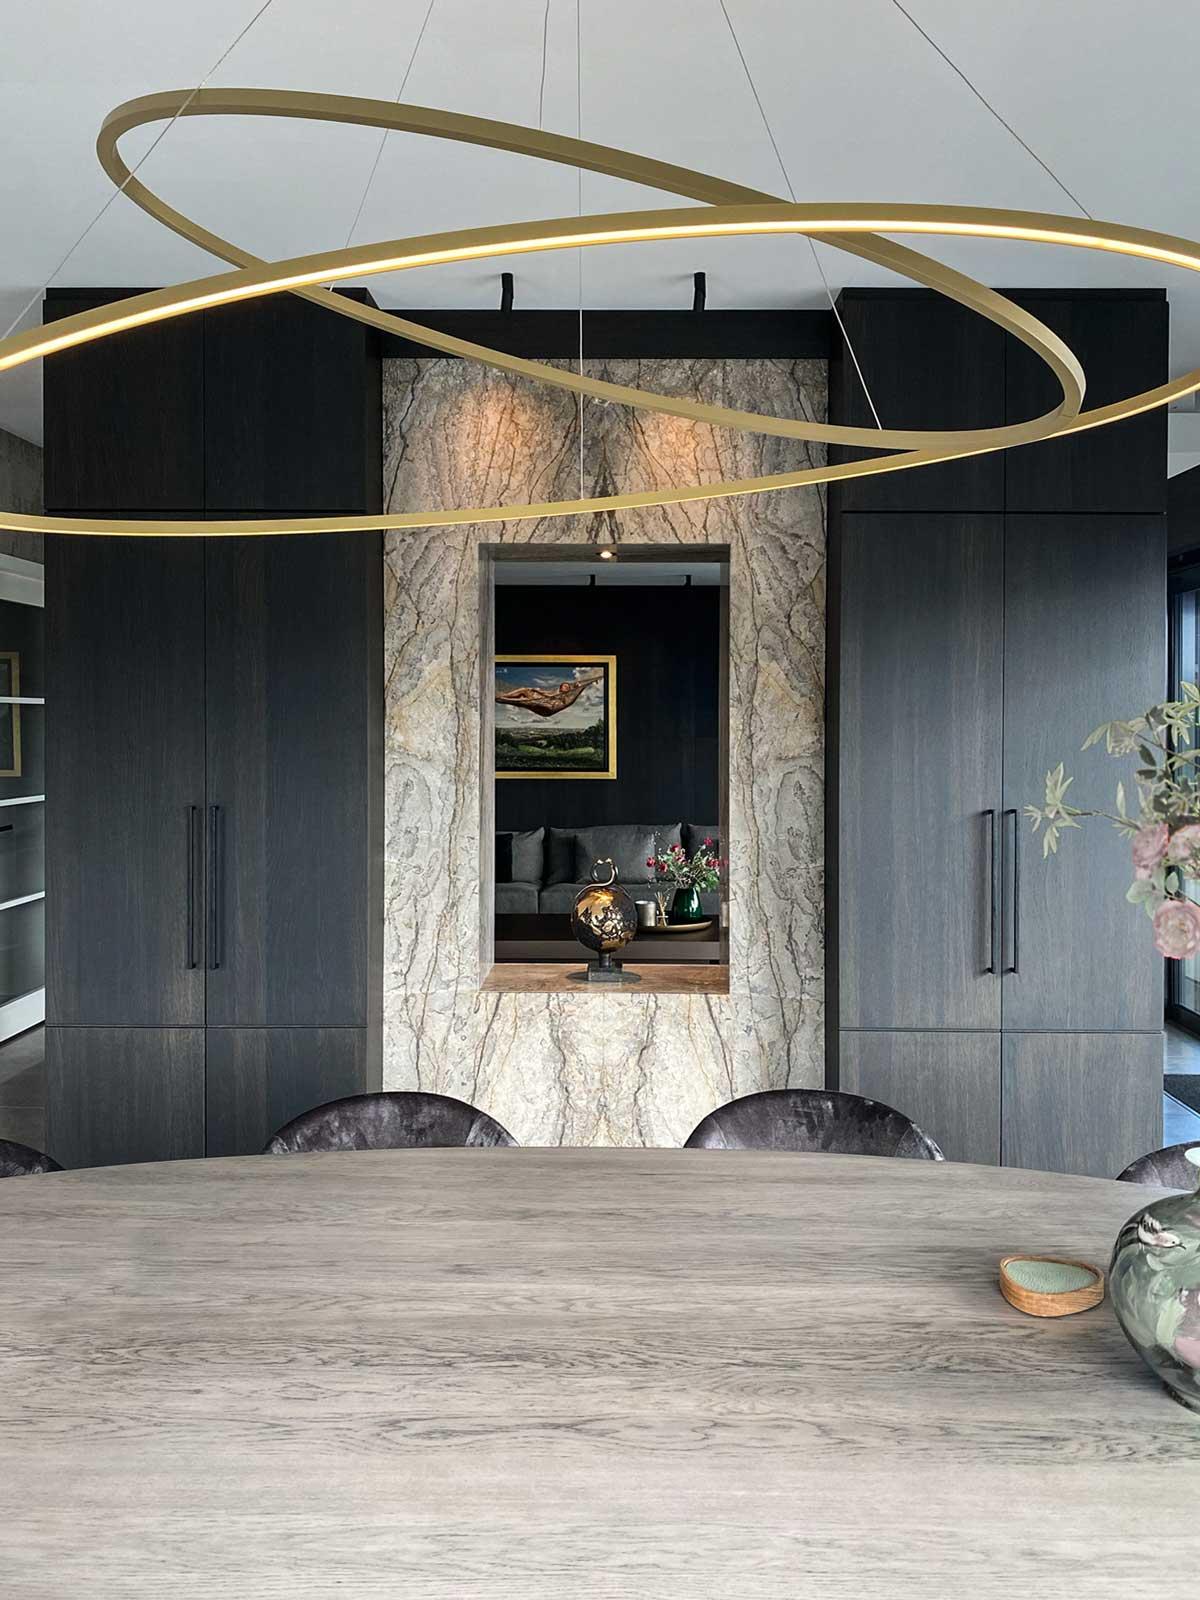 sexy maatwerkinterieur, huis van strijdhoven, the art of living, maatwerk interieur